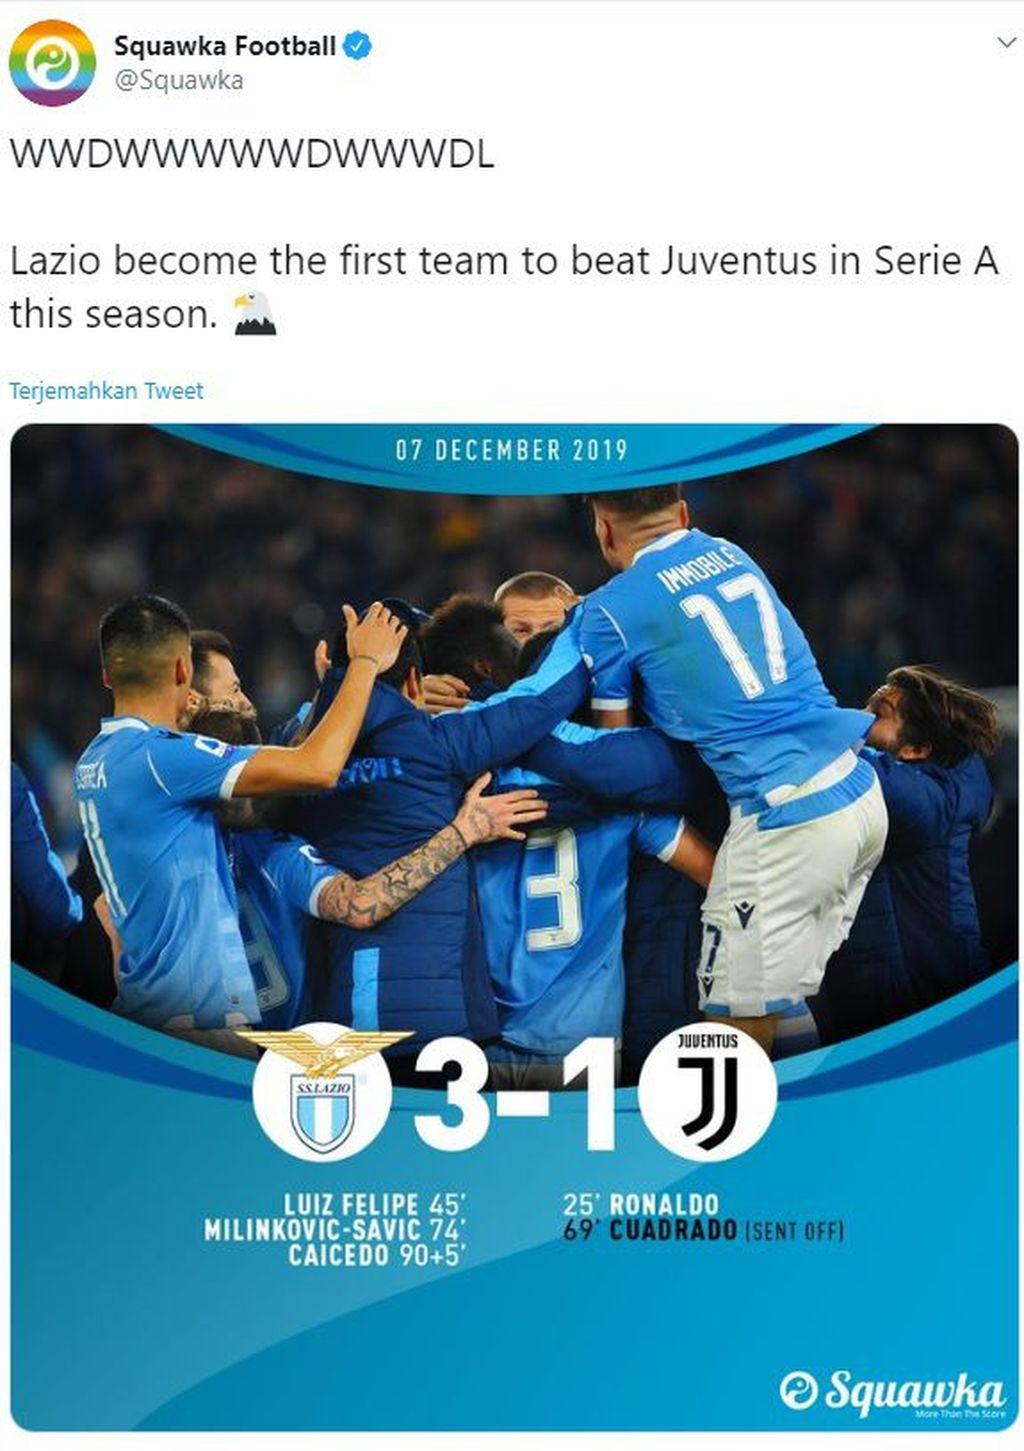 Bermain di kandang sendiri, Lazio tampil percaya diri hingga berhasil mengalahkan Juventus yang punya rekor ciamik di Serie A. Foto: Screenshoot